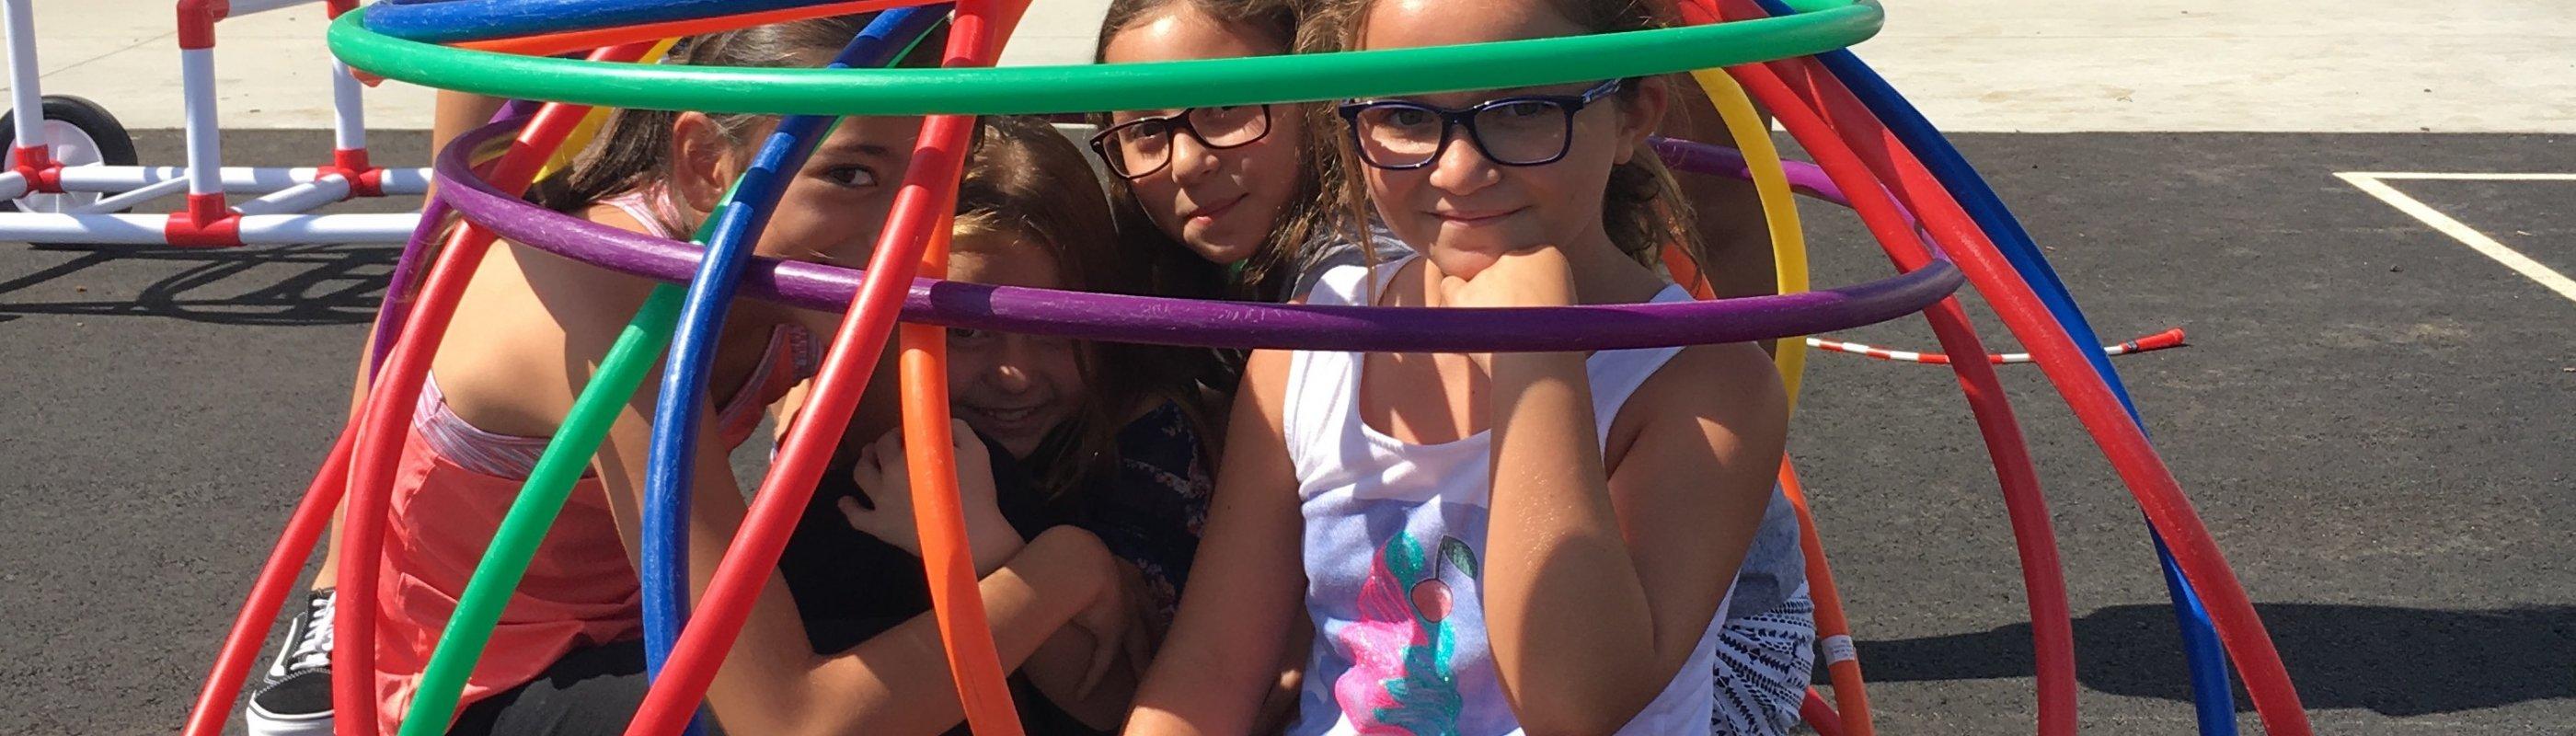 Girls engineering a hoola hoop ball